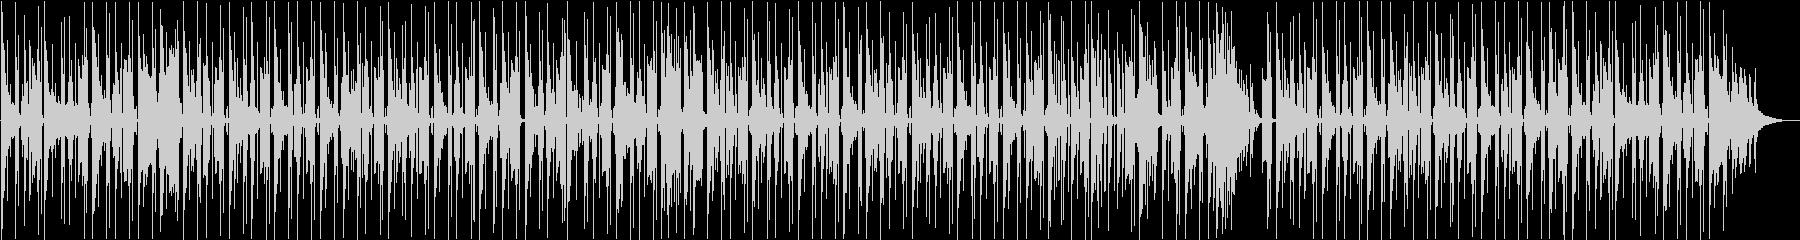 少々ダークな雰囲気のチルホップの未再生の波形